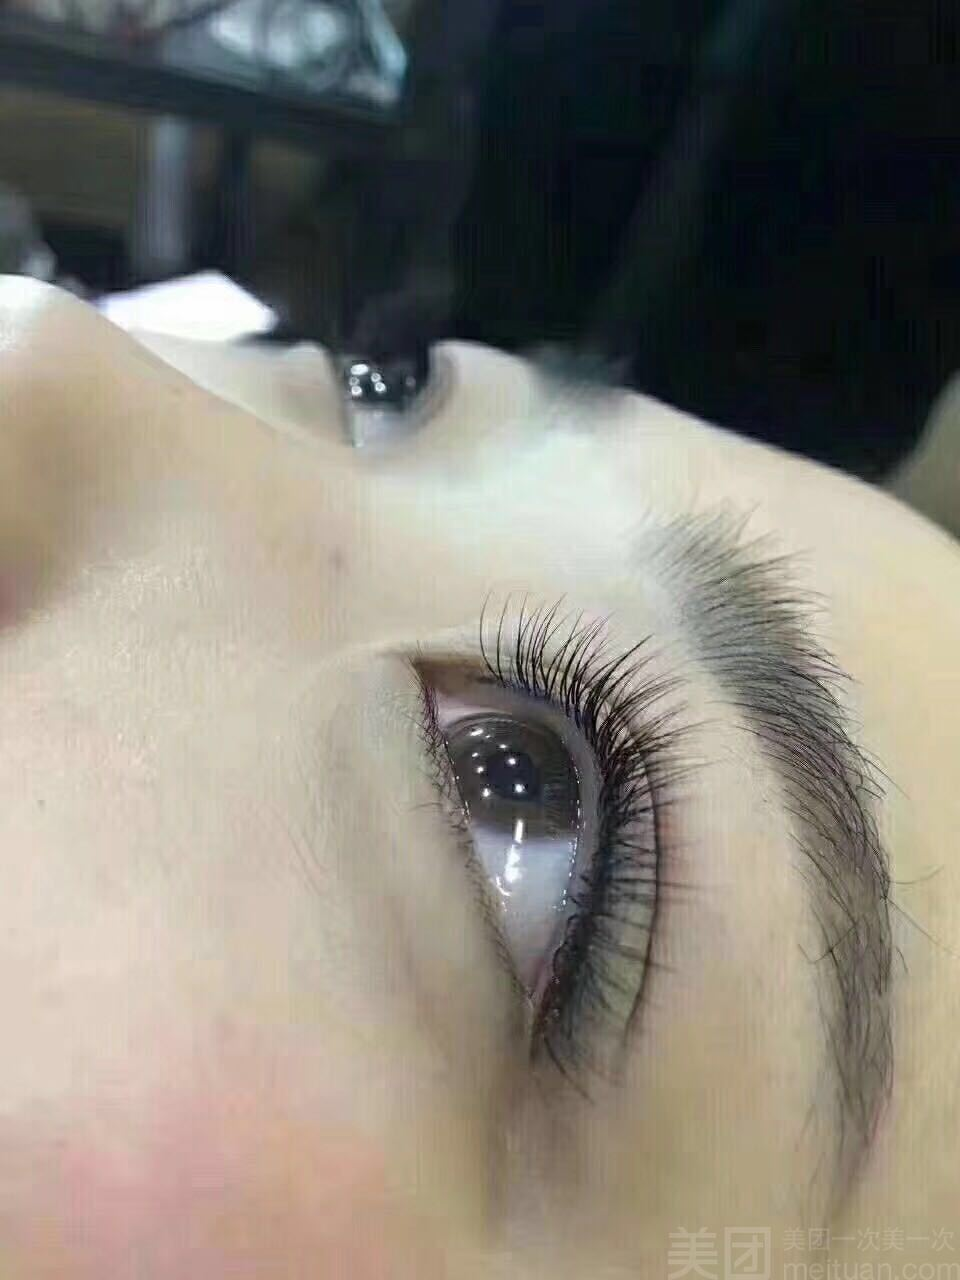 尚愛團購_上海尚愛團購網_好團網上海站圖片